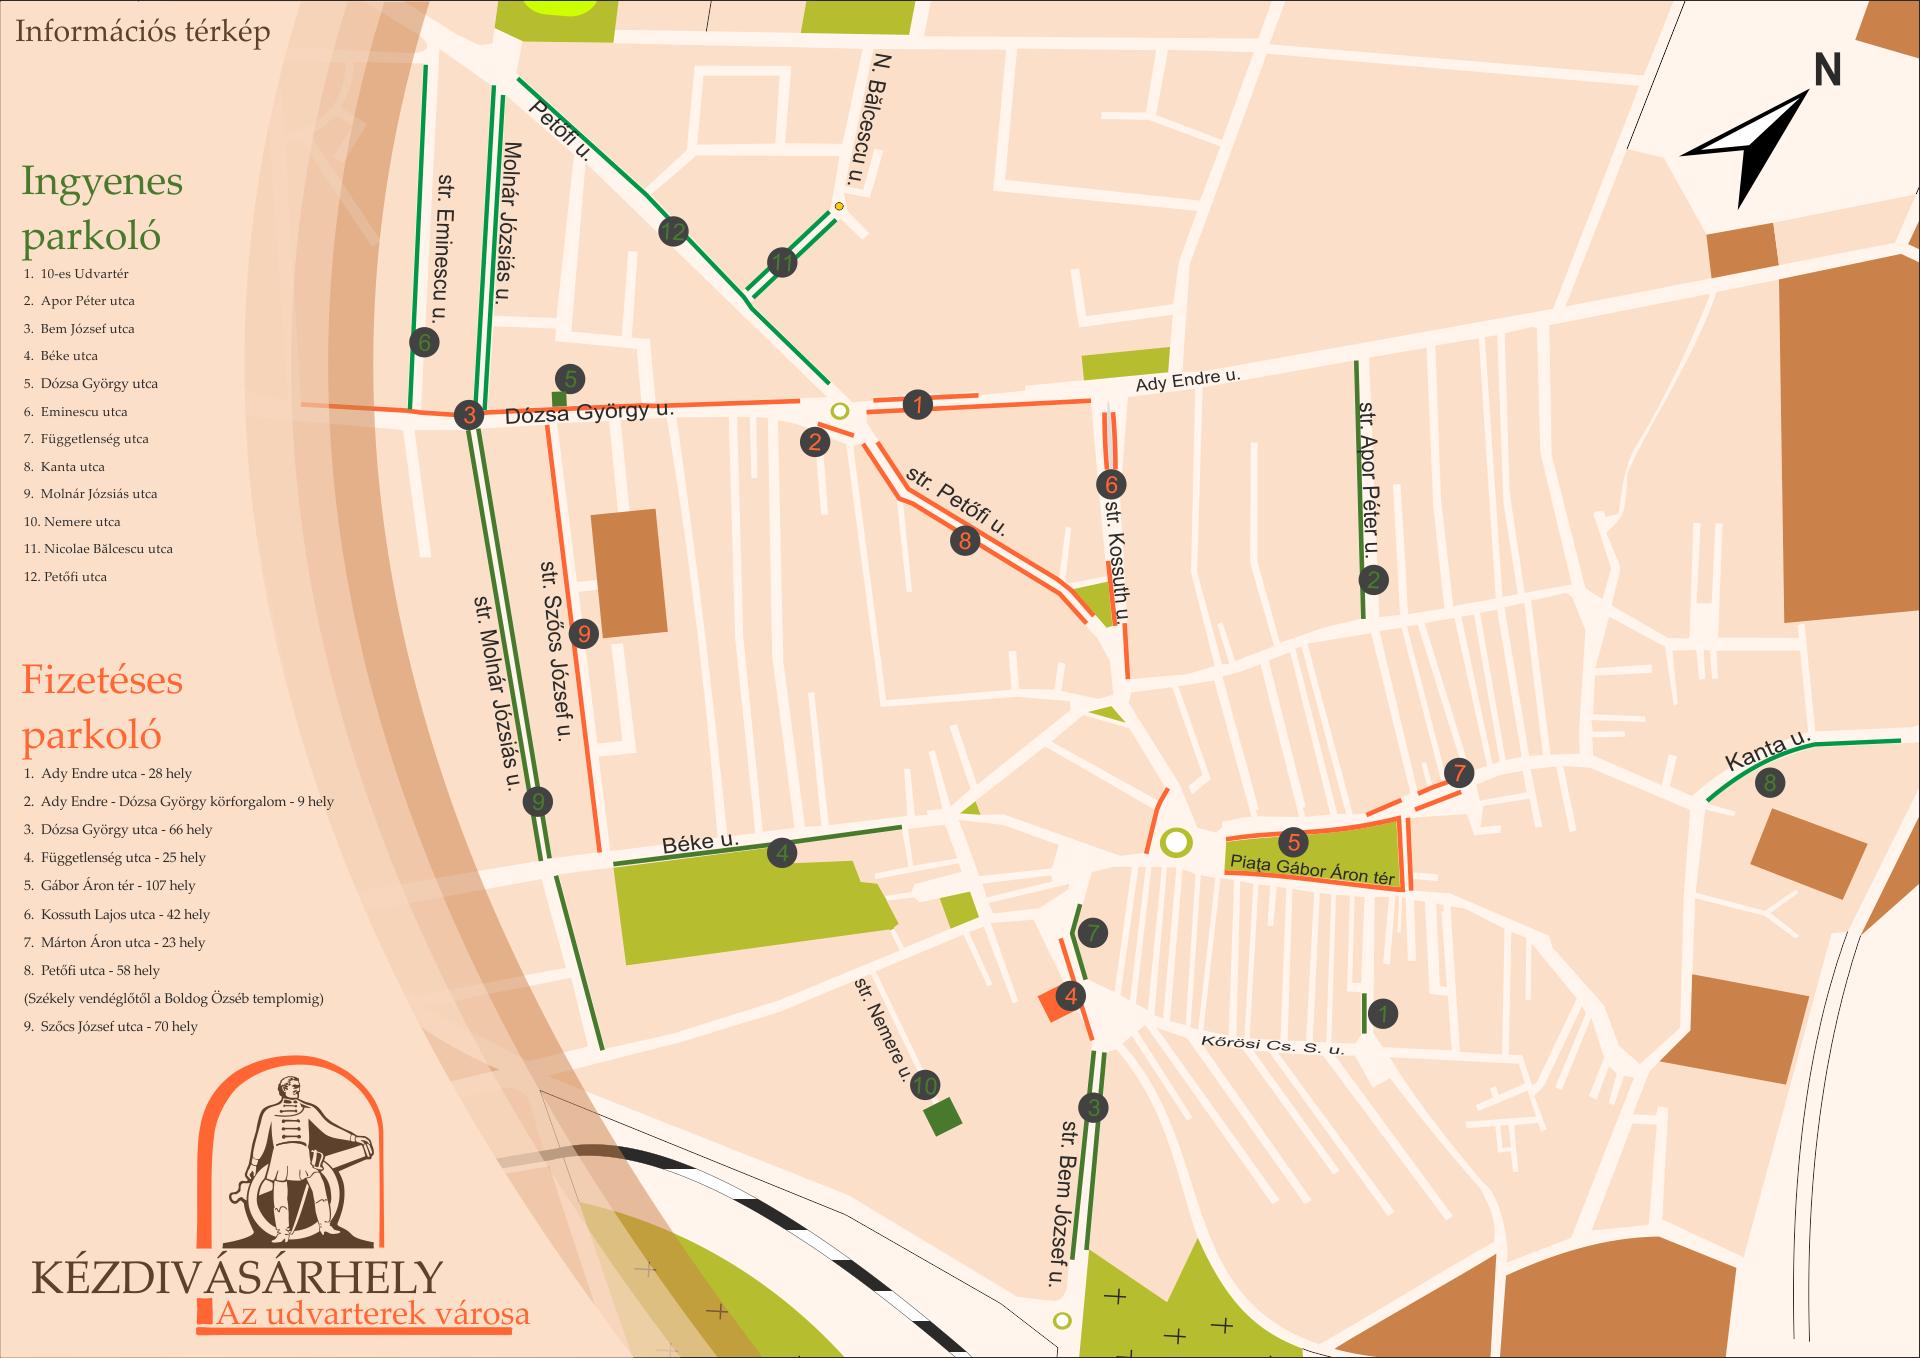 Információs térkép – parkolók